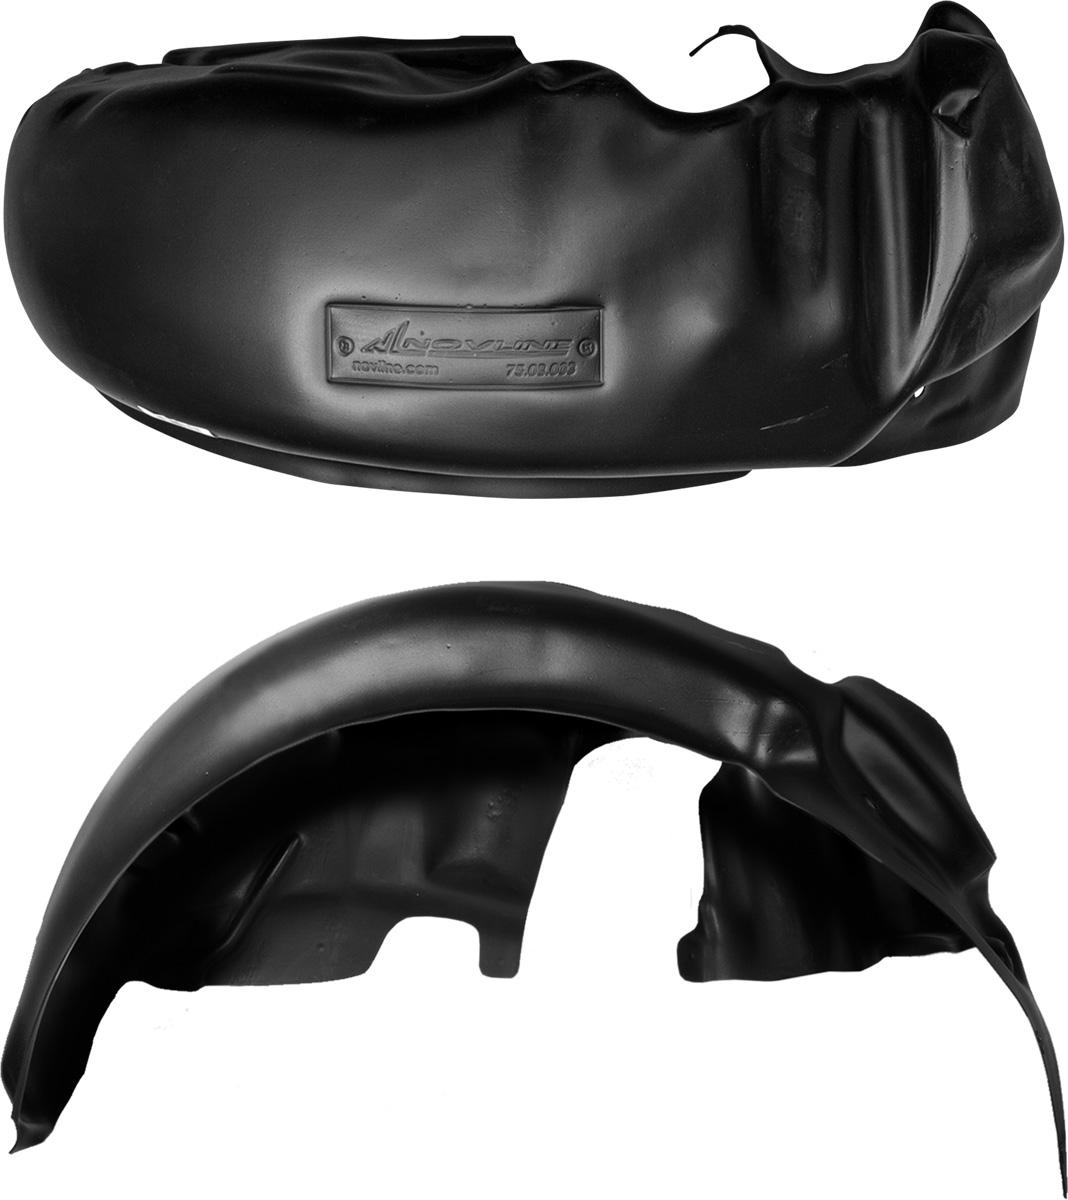 Подкрылок HYUNDAI Solaris, 2010-2014, седан, задний левыйNLL.20.41.003Колесные ниши – одни из самых уязвимых зон днища вашего автомобиля. Они постоянно подвергаются воздействию со стороны дороги. Лучшая, почти абсолютная защита для них - специально отформованные пластиковые кожухи, которые называются подкрылками, или локерами. Производятся они как для отечественных моделей автомобилей, так и для иномарок. Подкрылки выполнены из высококачественного, экологически чистого пластика. Обеспечивают надежную защиту кузова автомобиля от пескоструйного эффекта и негативного влияния, агрессивных антигололедных реагентов. Пластик обладает более низкой теплопроводностью, чем металл, поэтому в зимний период эксплуатации использование пластиковых подкрылков позволяет лучше защитить колесные ниши от налипания снега и образования наледи. Оригинальность конструкции подчеркивает элегантность автомобиля, бережно защищает нанесенное на днище кузова антикоррозийное покрытие и позволяет осуществить крепление подкрылков внутри колесной арки практически без дополнительного...